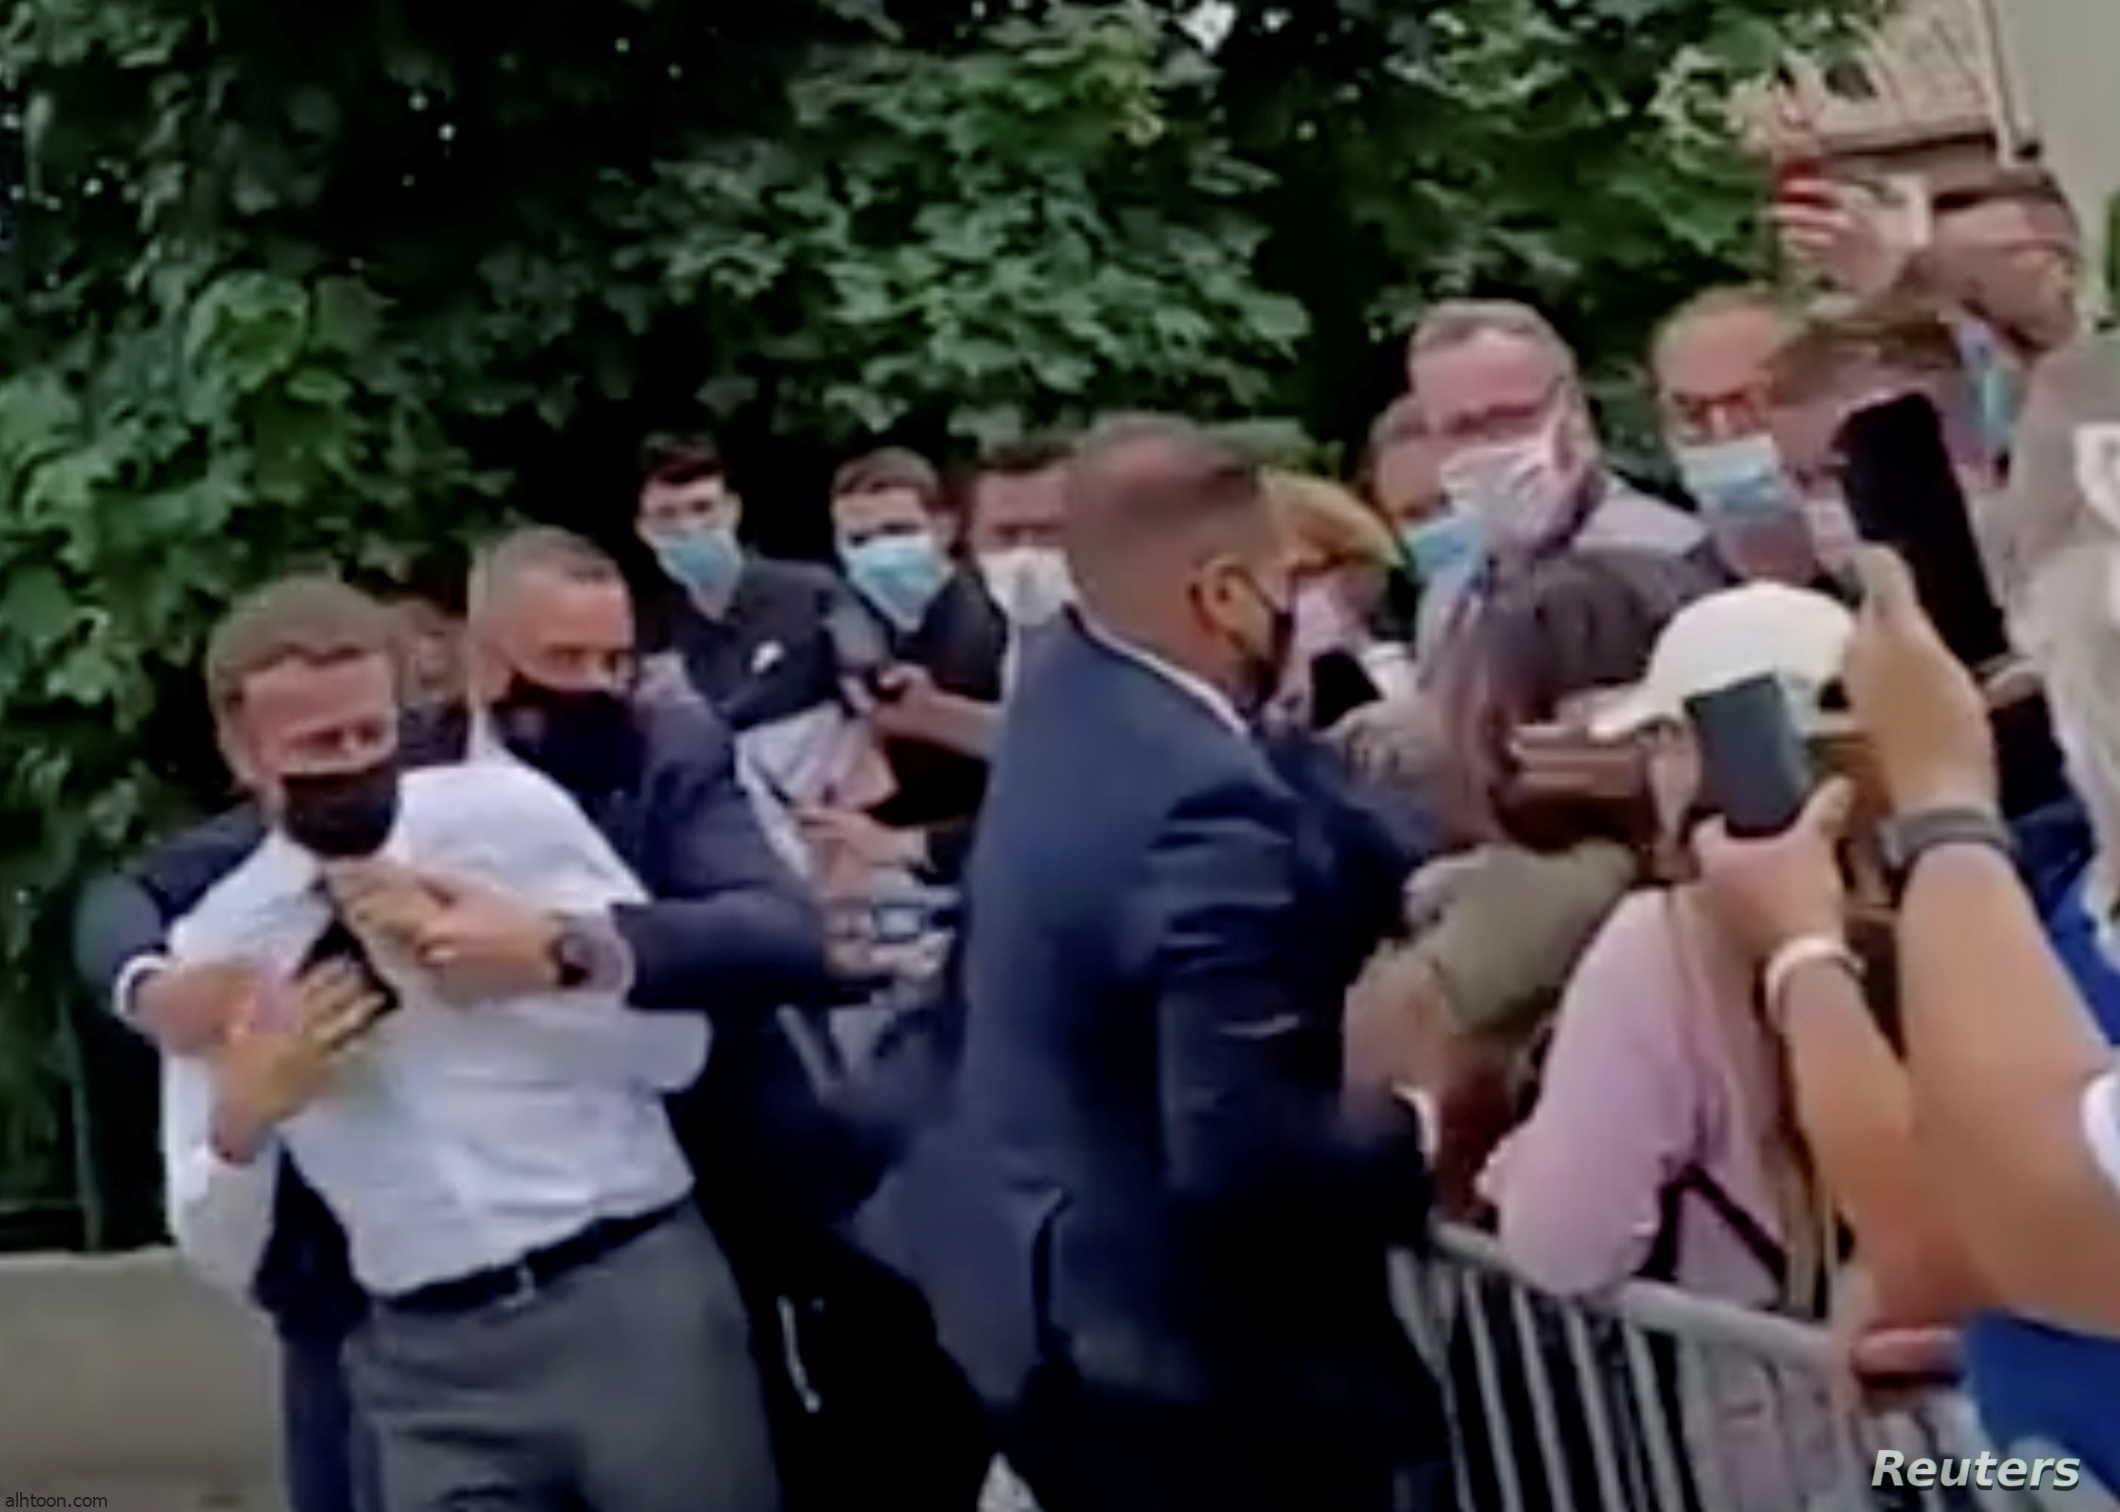 شاهد: لحظة صفع ماكرون - صحيفة هتون الدولية